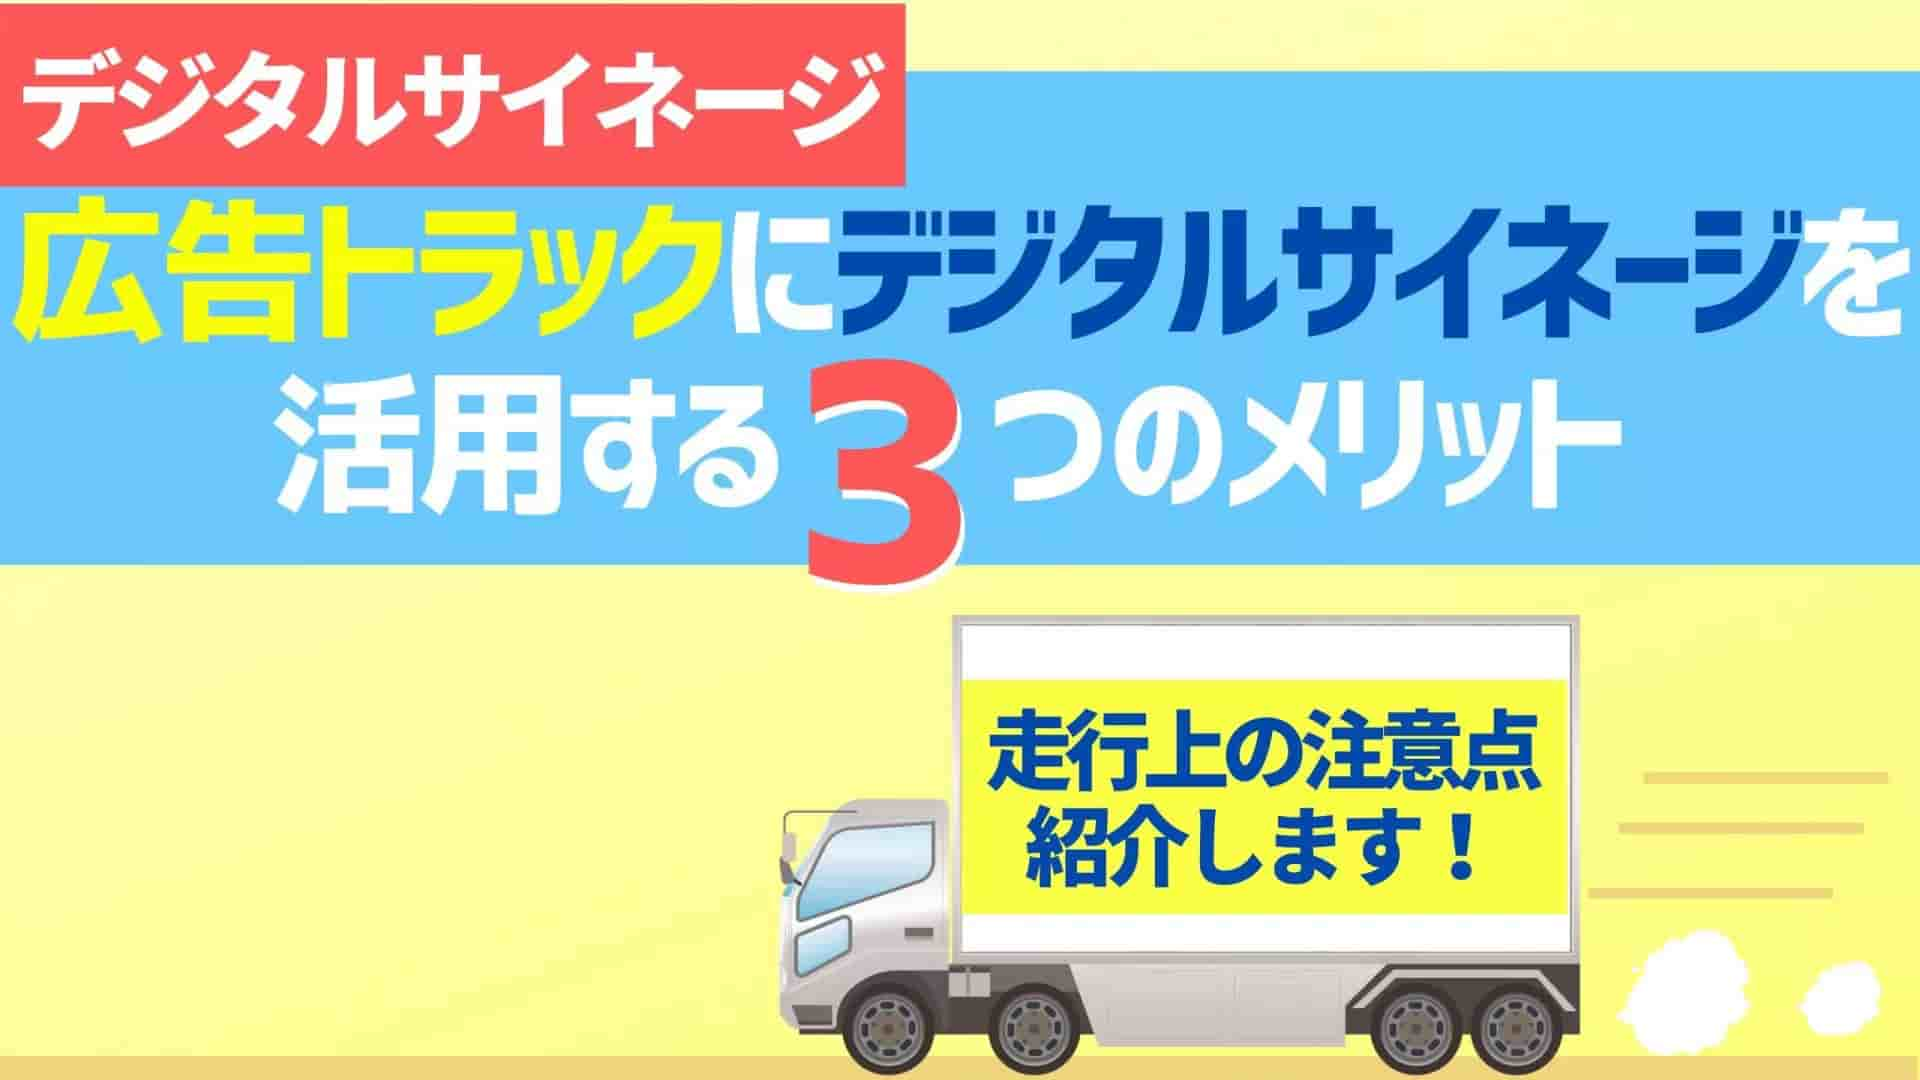 広告トラックにデジタルサイネージを活用するメリット!注意点も紹介